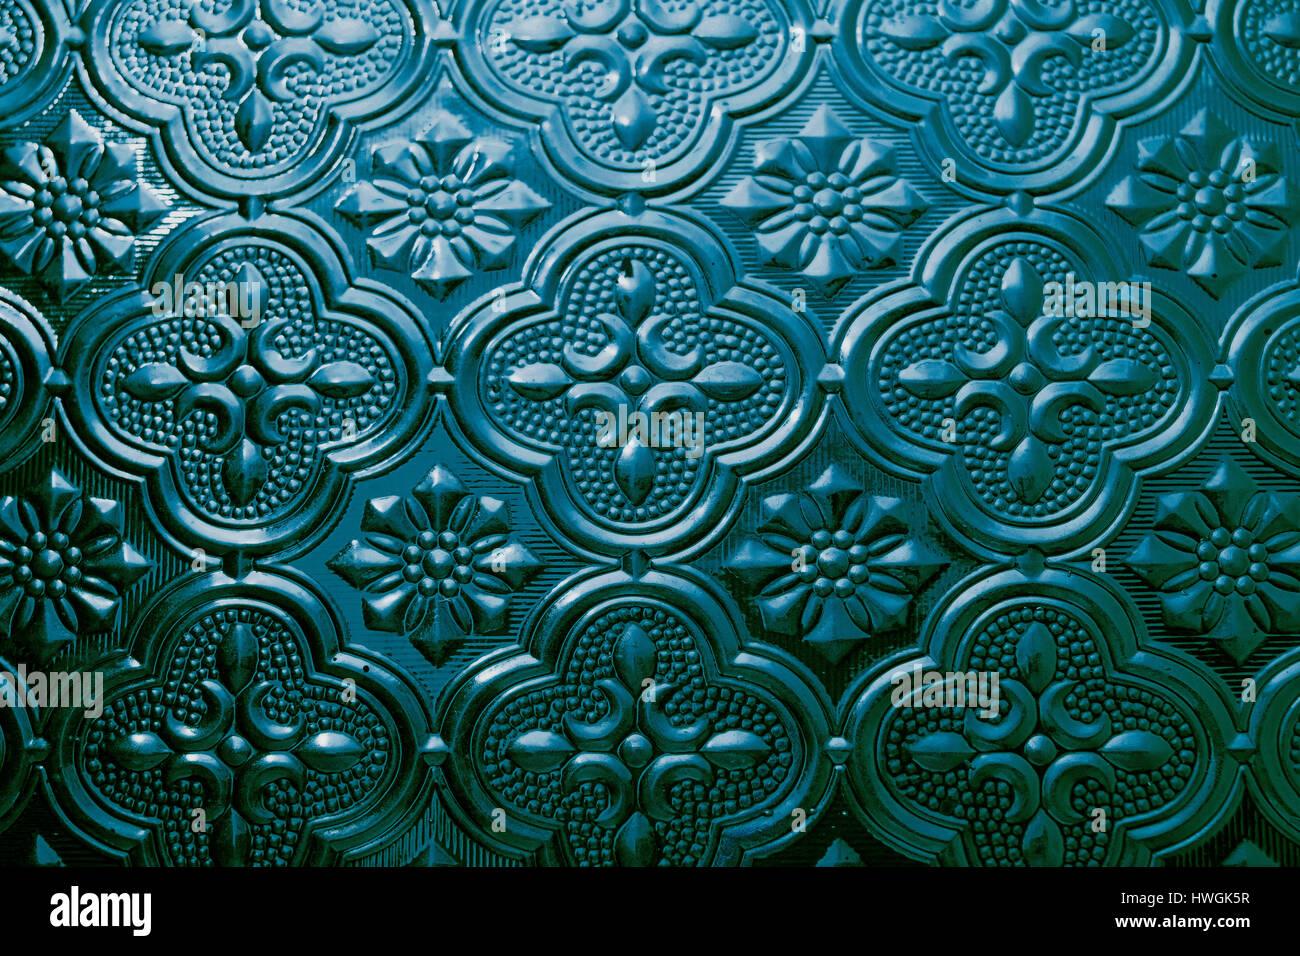 Bunte Nahtlose Textur Innenwand Dekoration Dwand Muster Abstrakt Blumen.